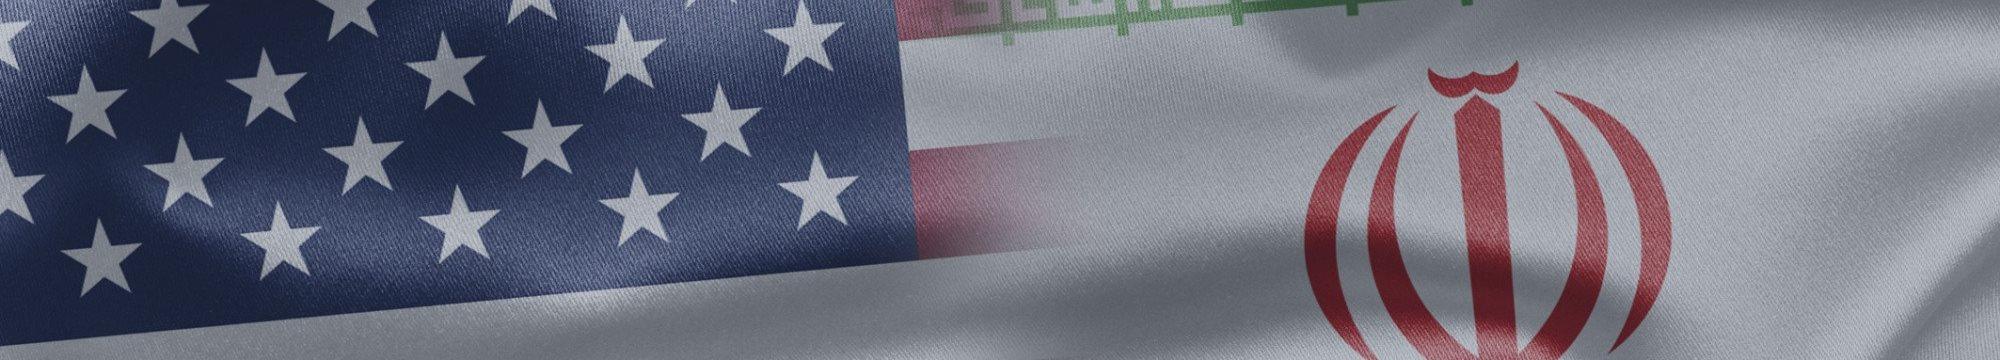 США против Ирана: почему экономический эффект от новых санкций окажется минимальным